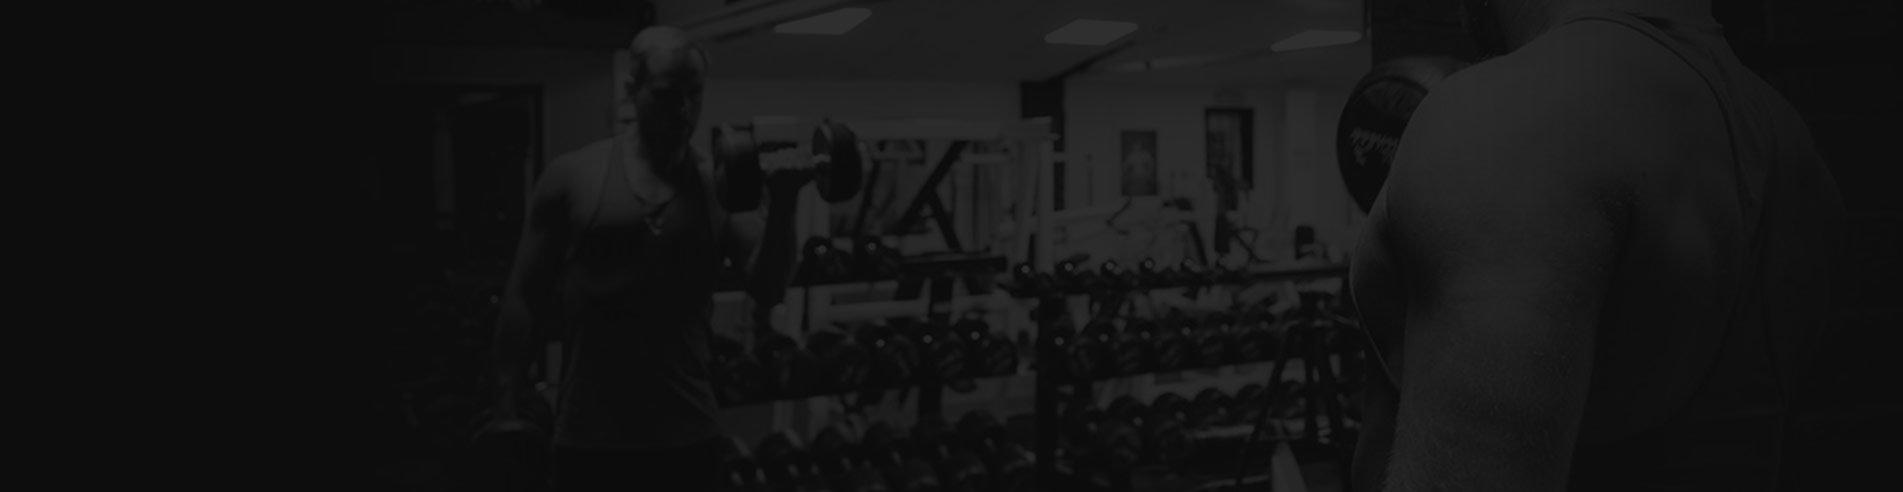 Black-Fitness-banner.jpg